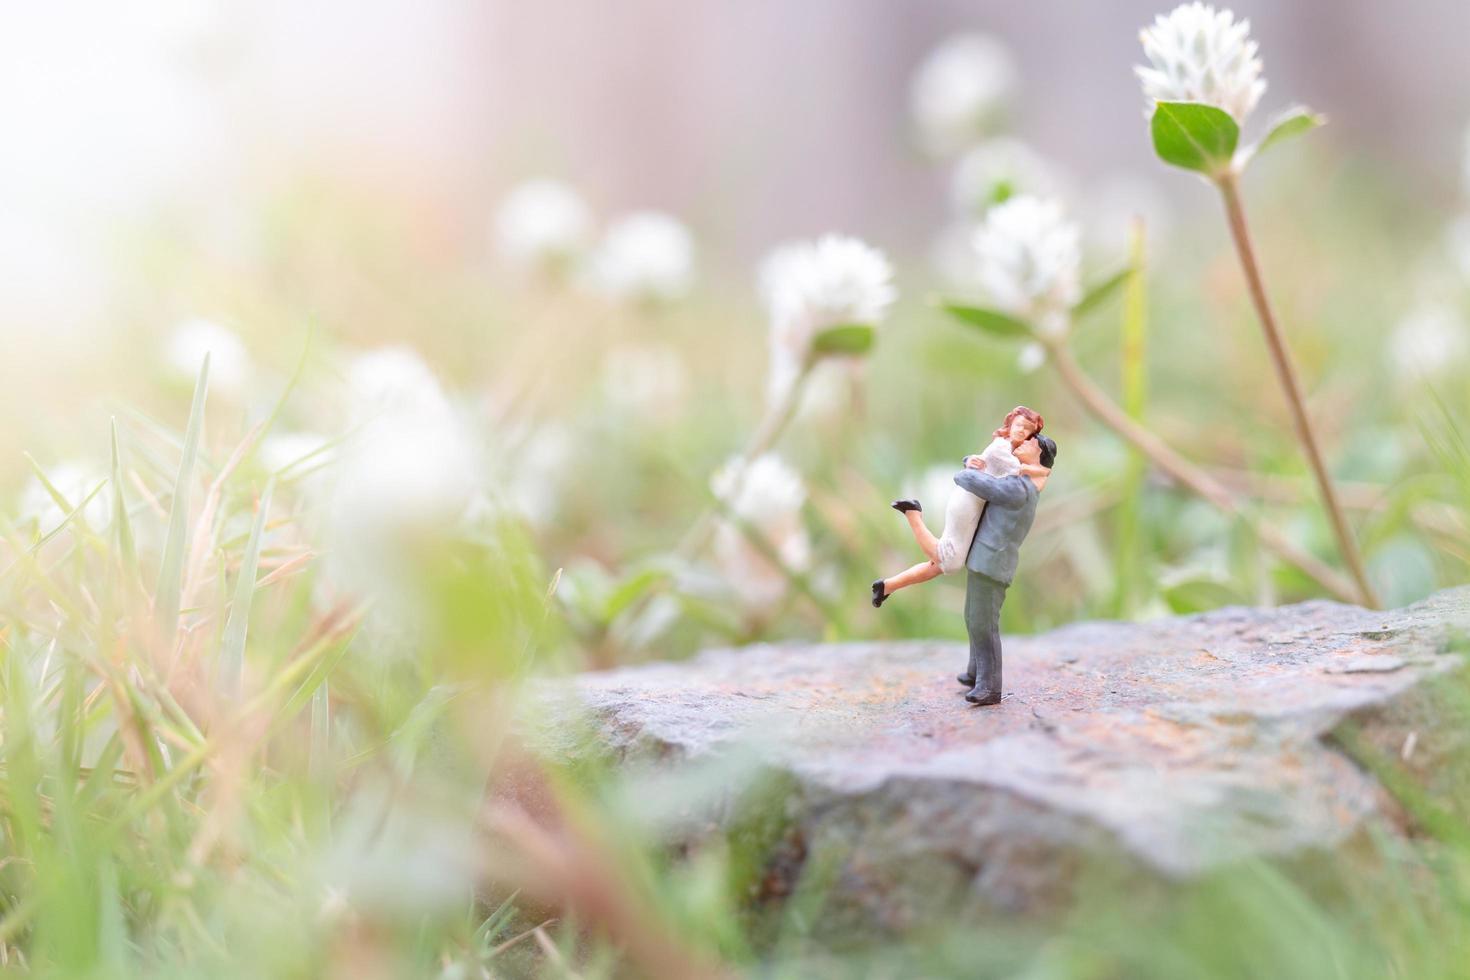 Pareja en miniatura en el jardín, concepto de día de San Valentín foto